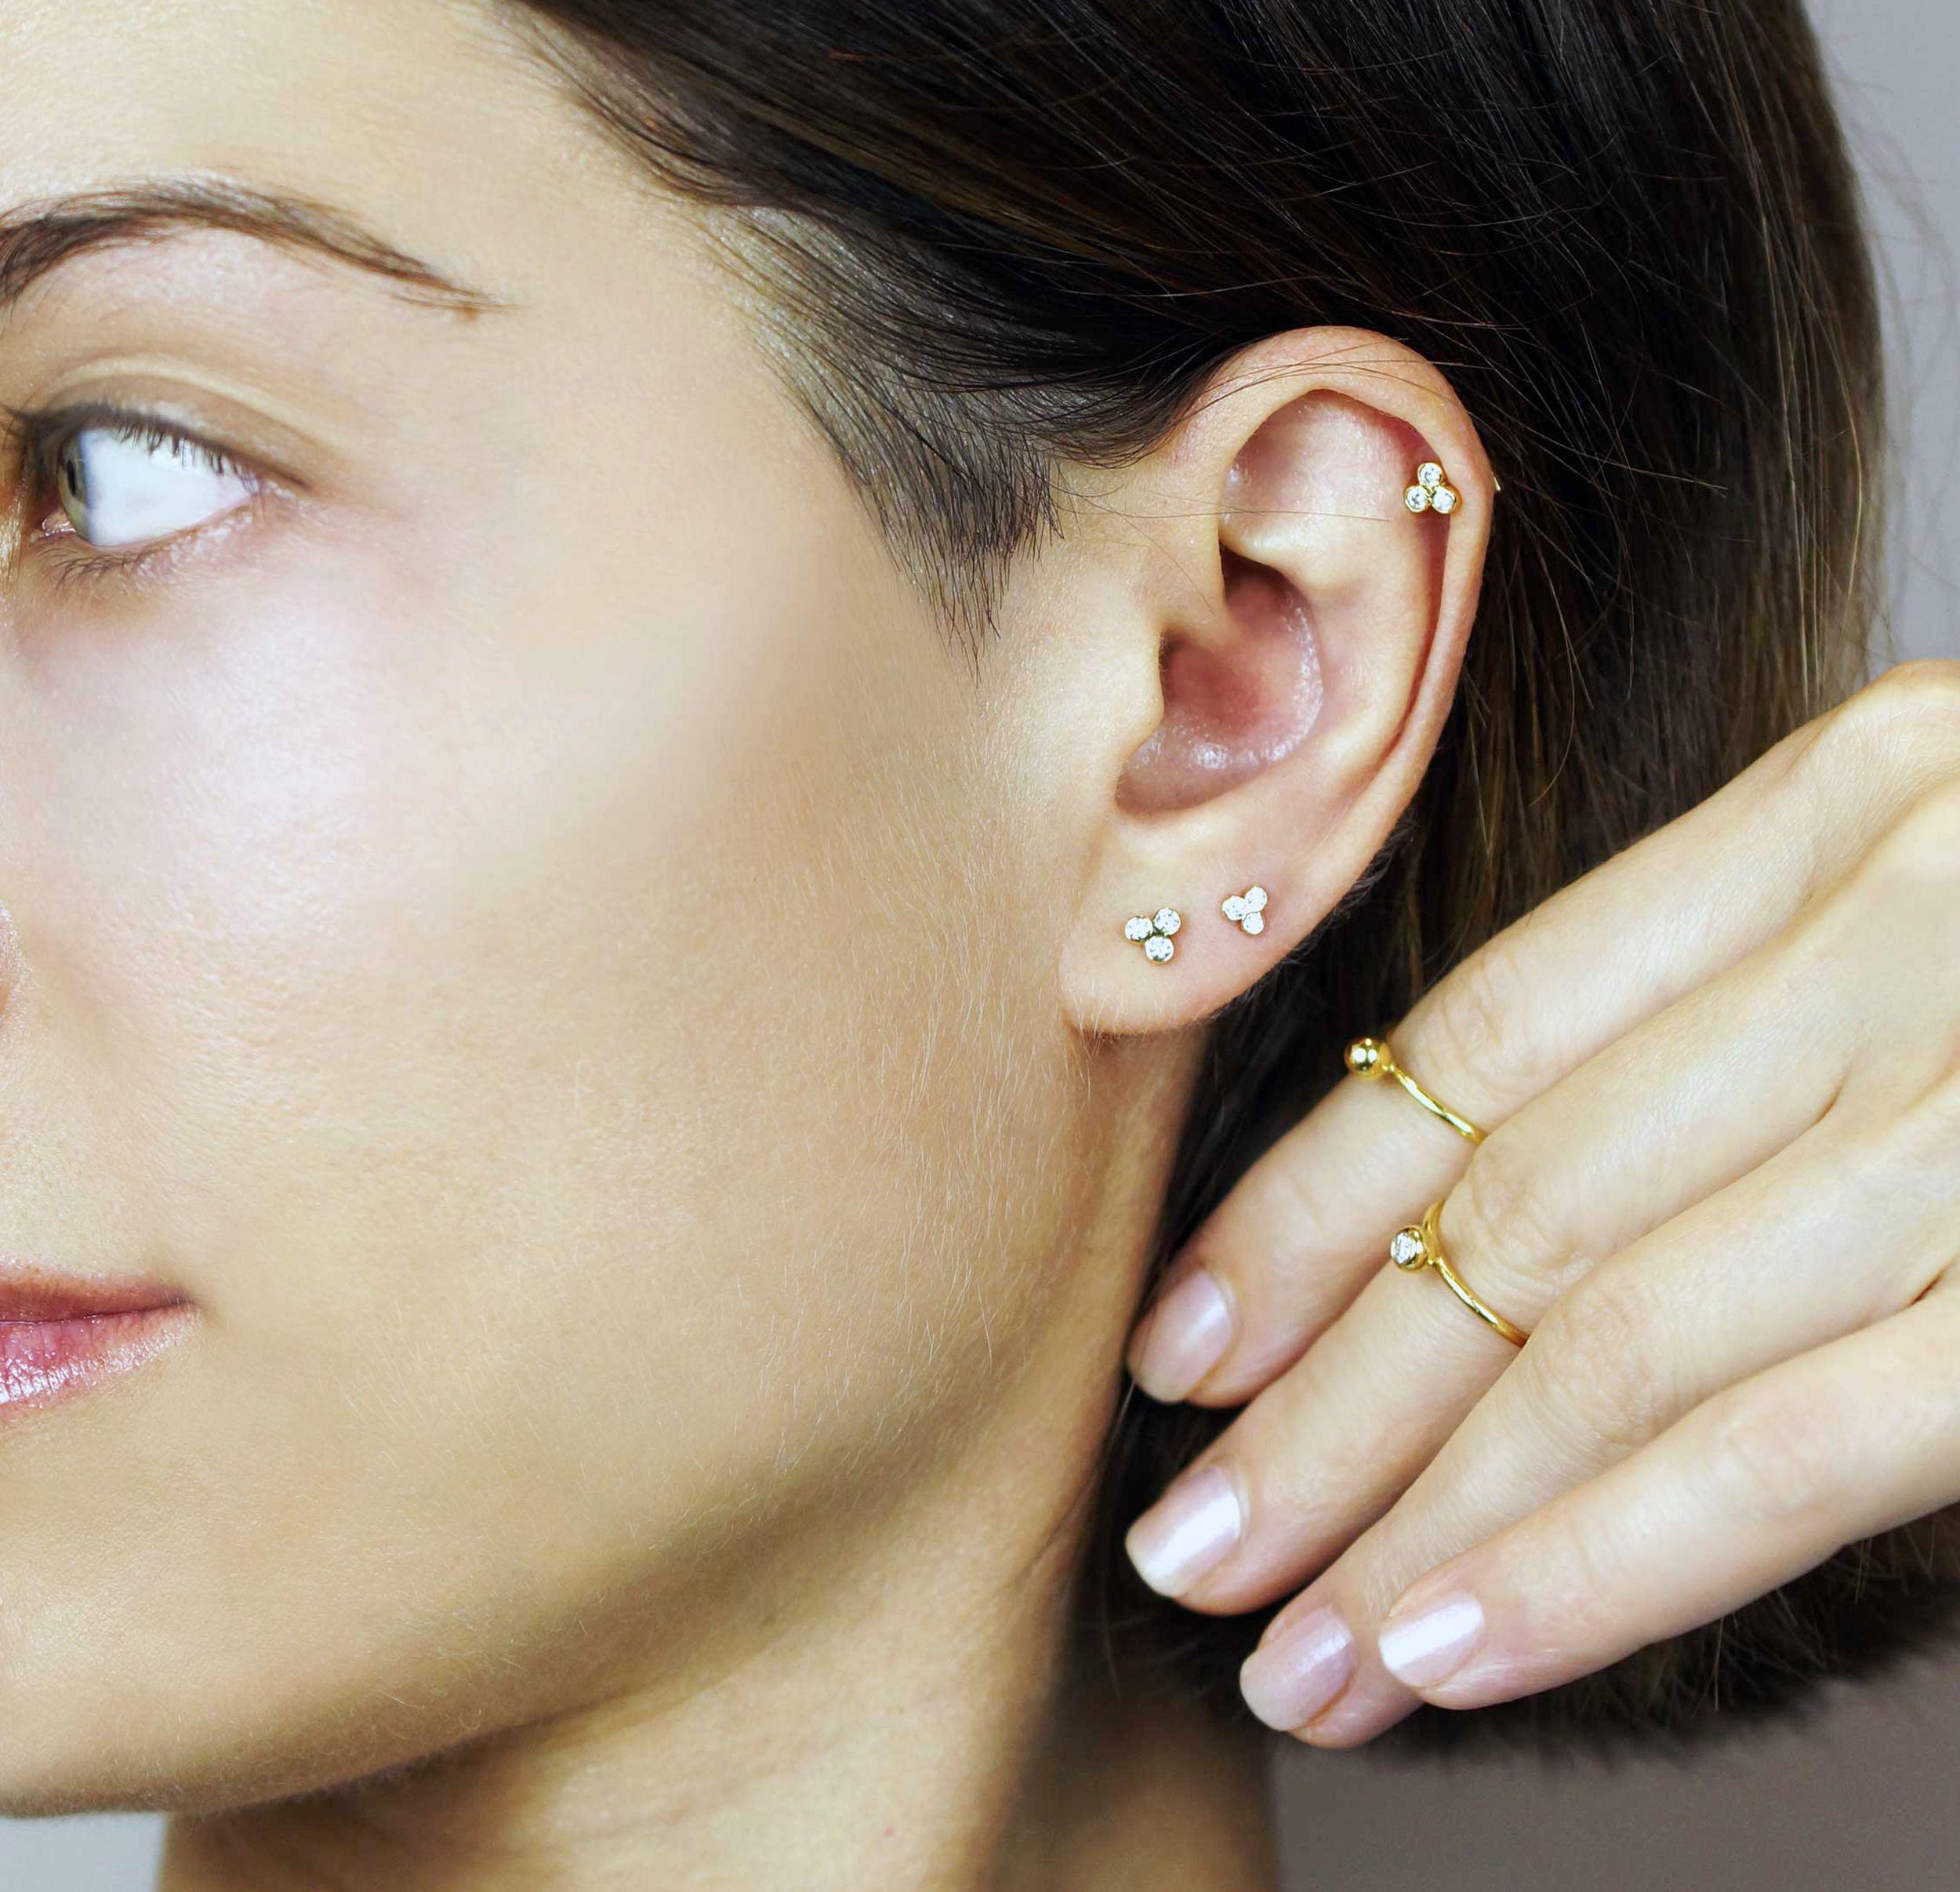 fd940b621 It is all about multiple piercings | Luxury Piercing Earrings London ...